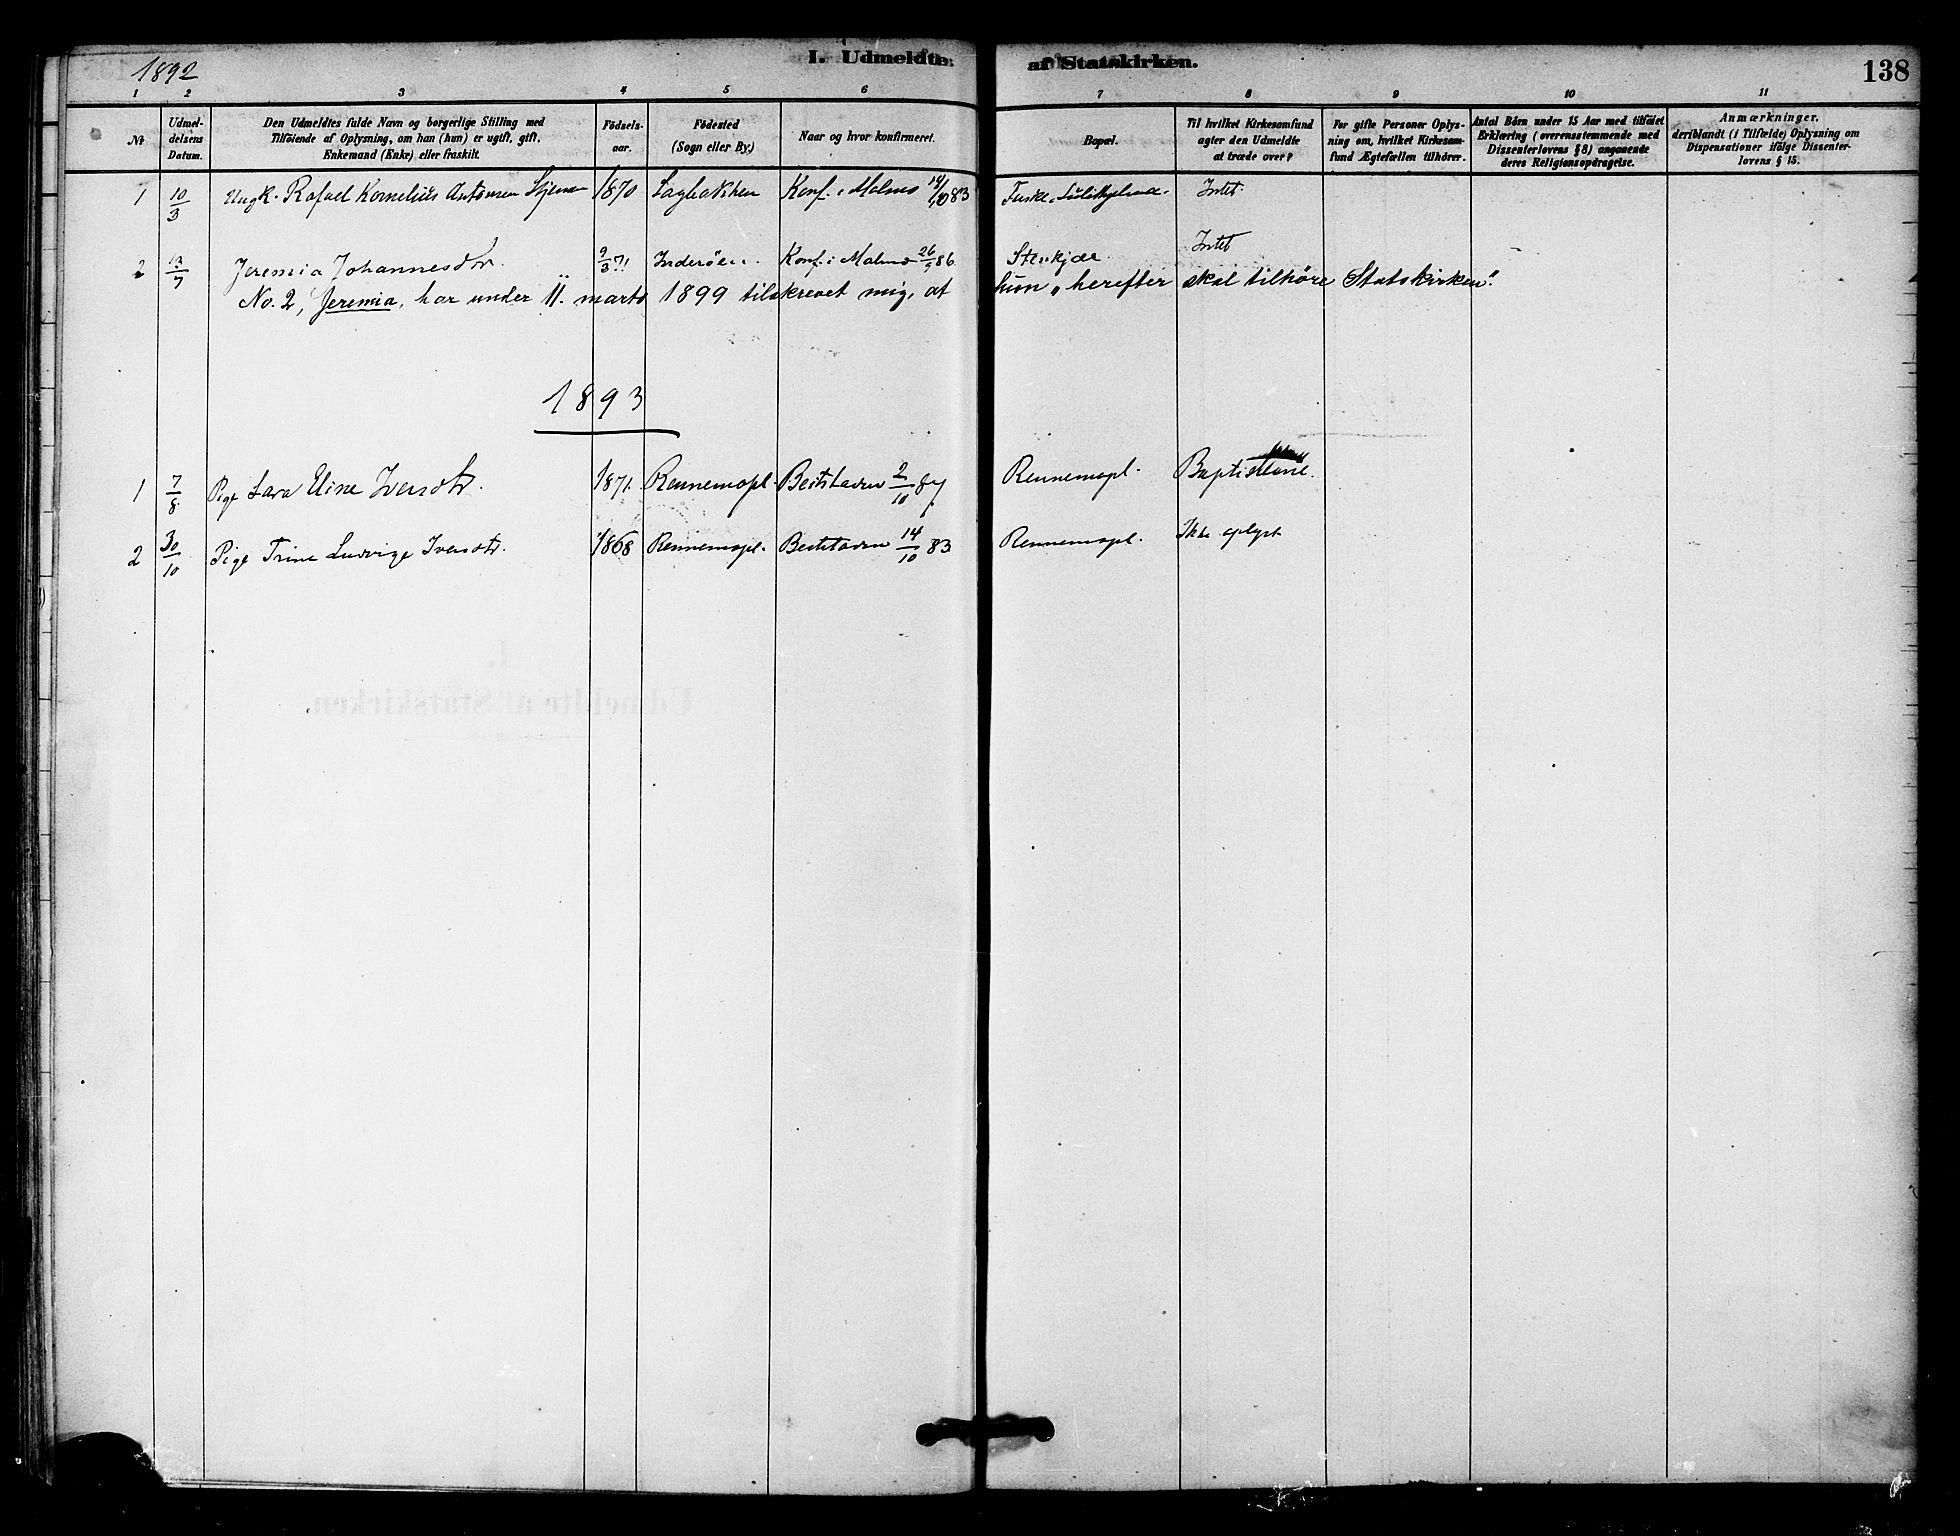 SAT, Ministerialprotokoller, klokkerbøker og fødselsregistre - Nord-Trøndelag, 745/L0429: Ministerialbok nr. 745A01, 1878-1894, s. 138